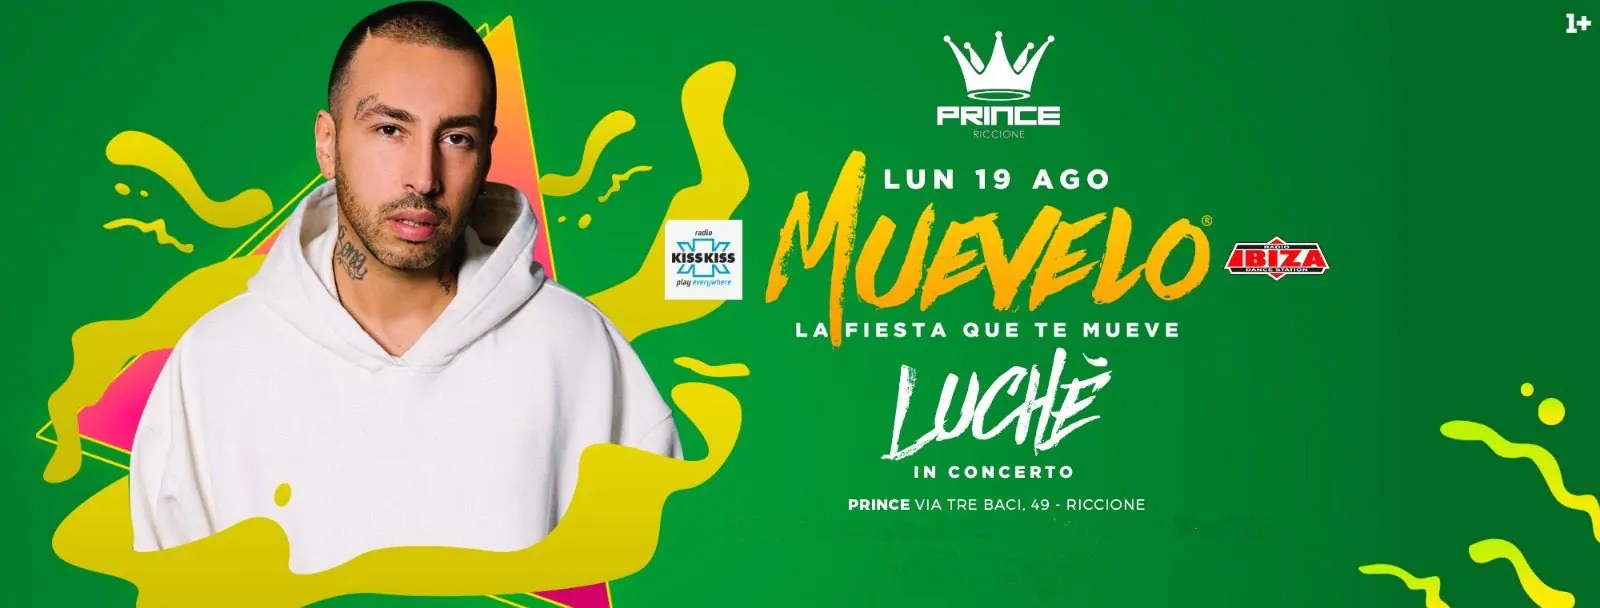 Luchè a Riccione in concerto al Prince Club Lunedì 19 08 2019